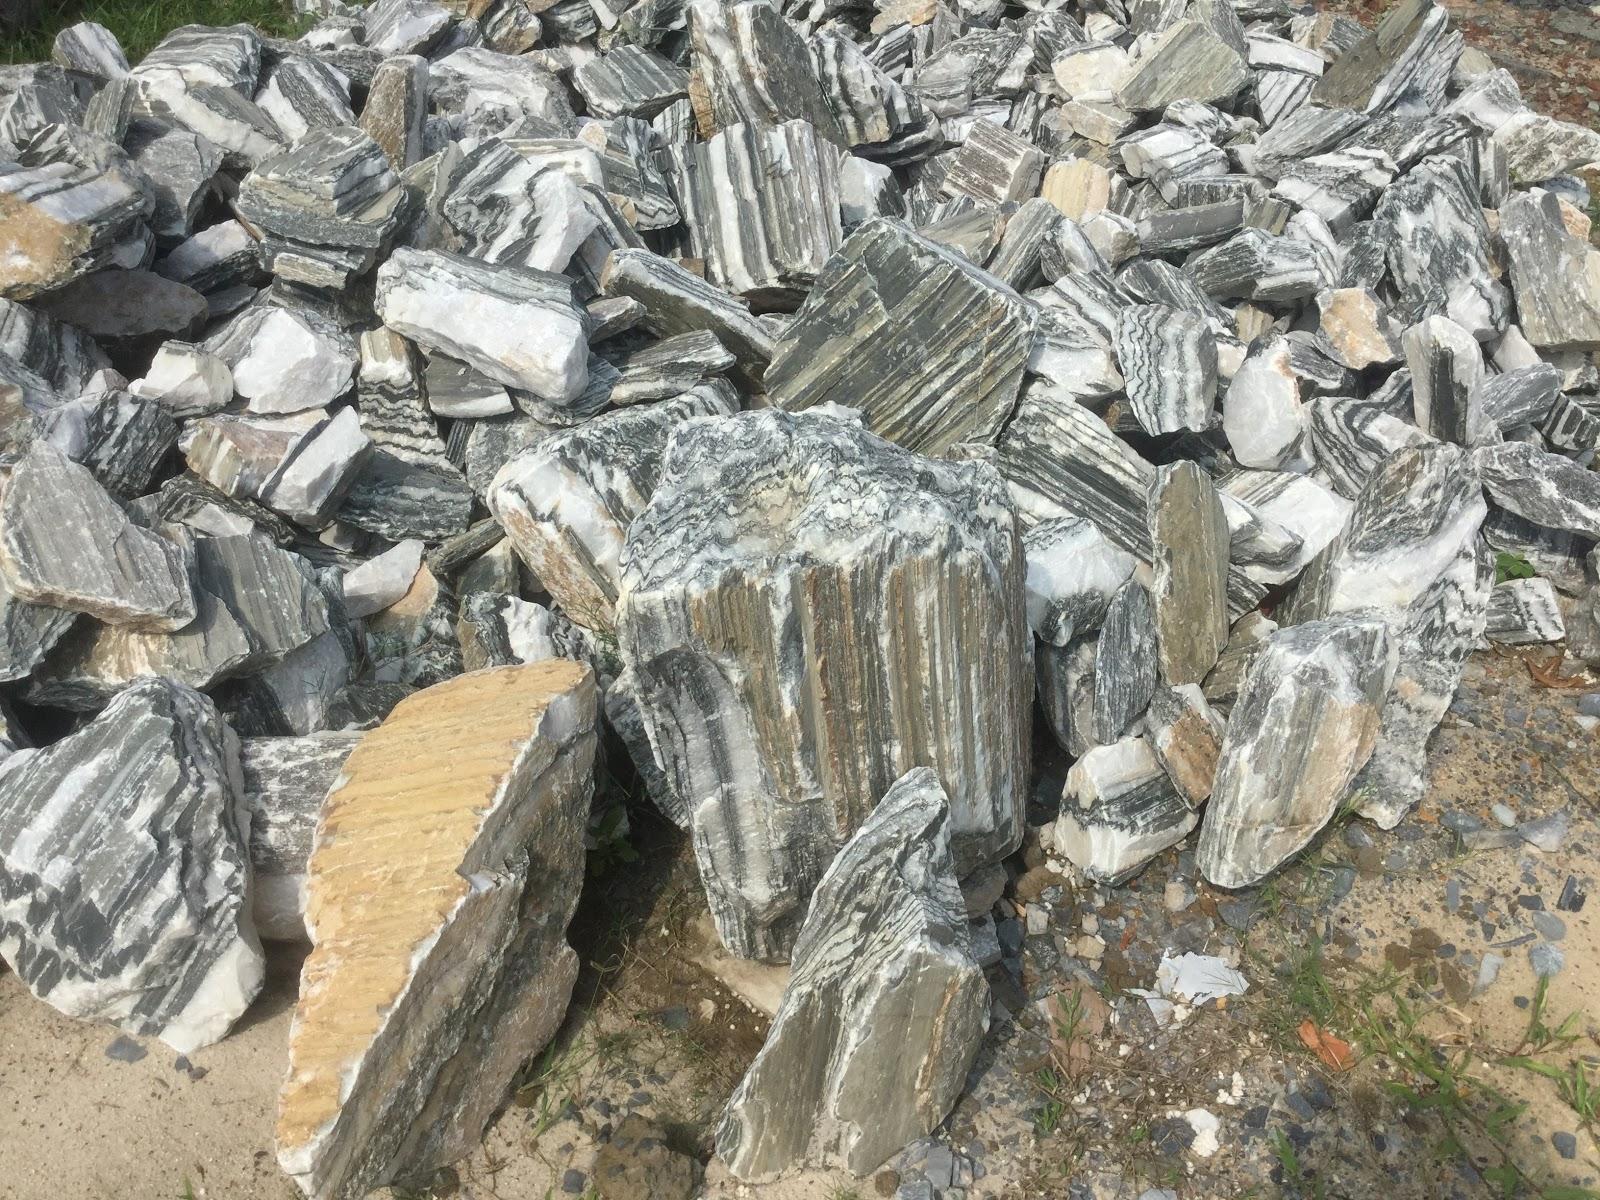 đá tuyết sơn là một loại đá thường dùng trong bể thủy sinh